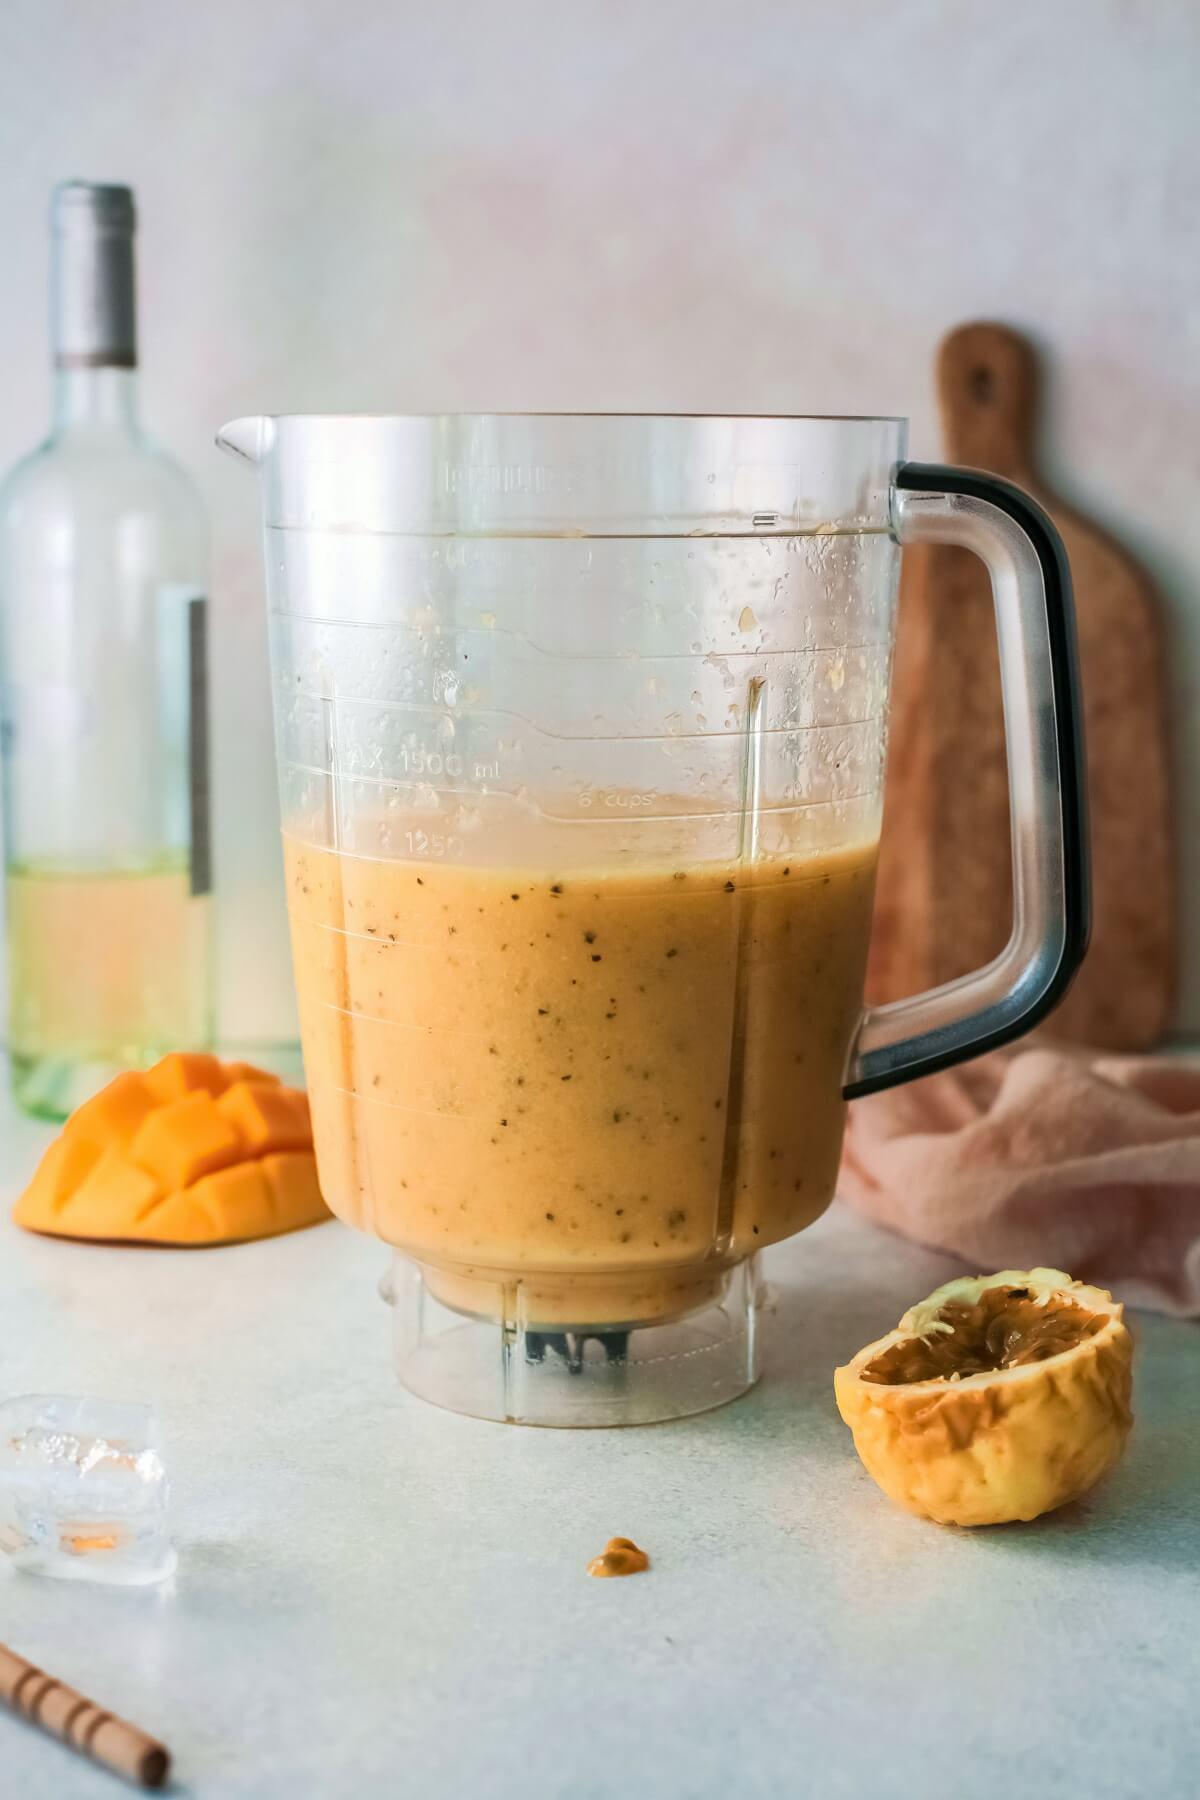 A blender pitcher full of orange coloured mango passionfruit wine slushie.